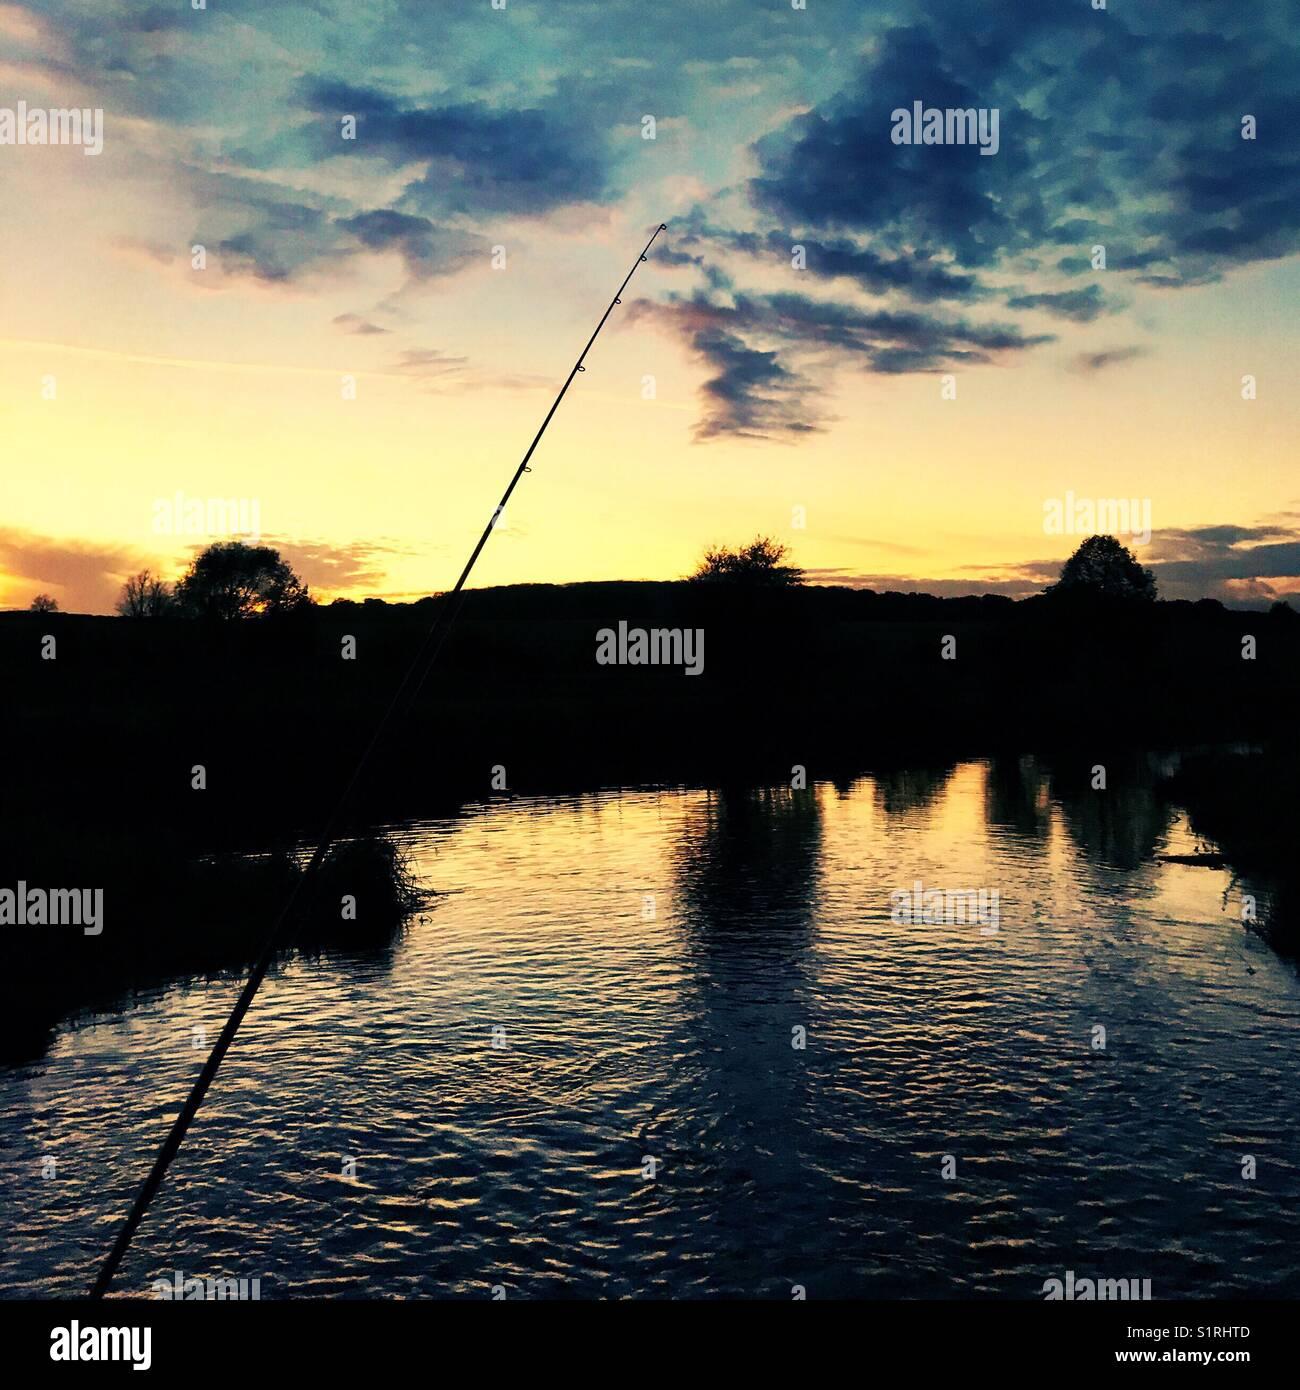 Sunset. Fishing - Stock Image